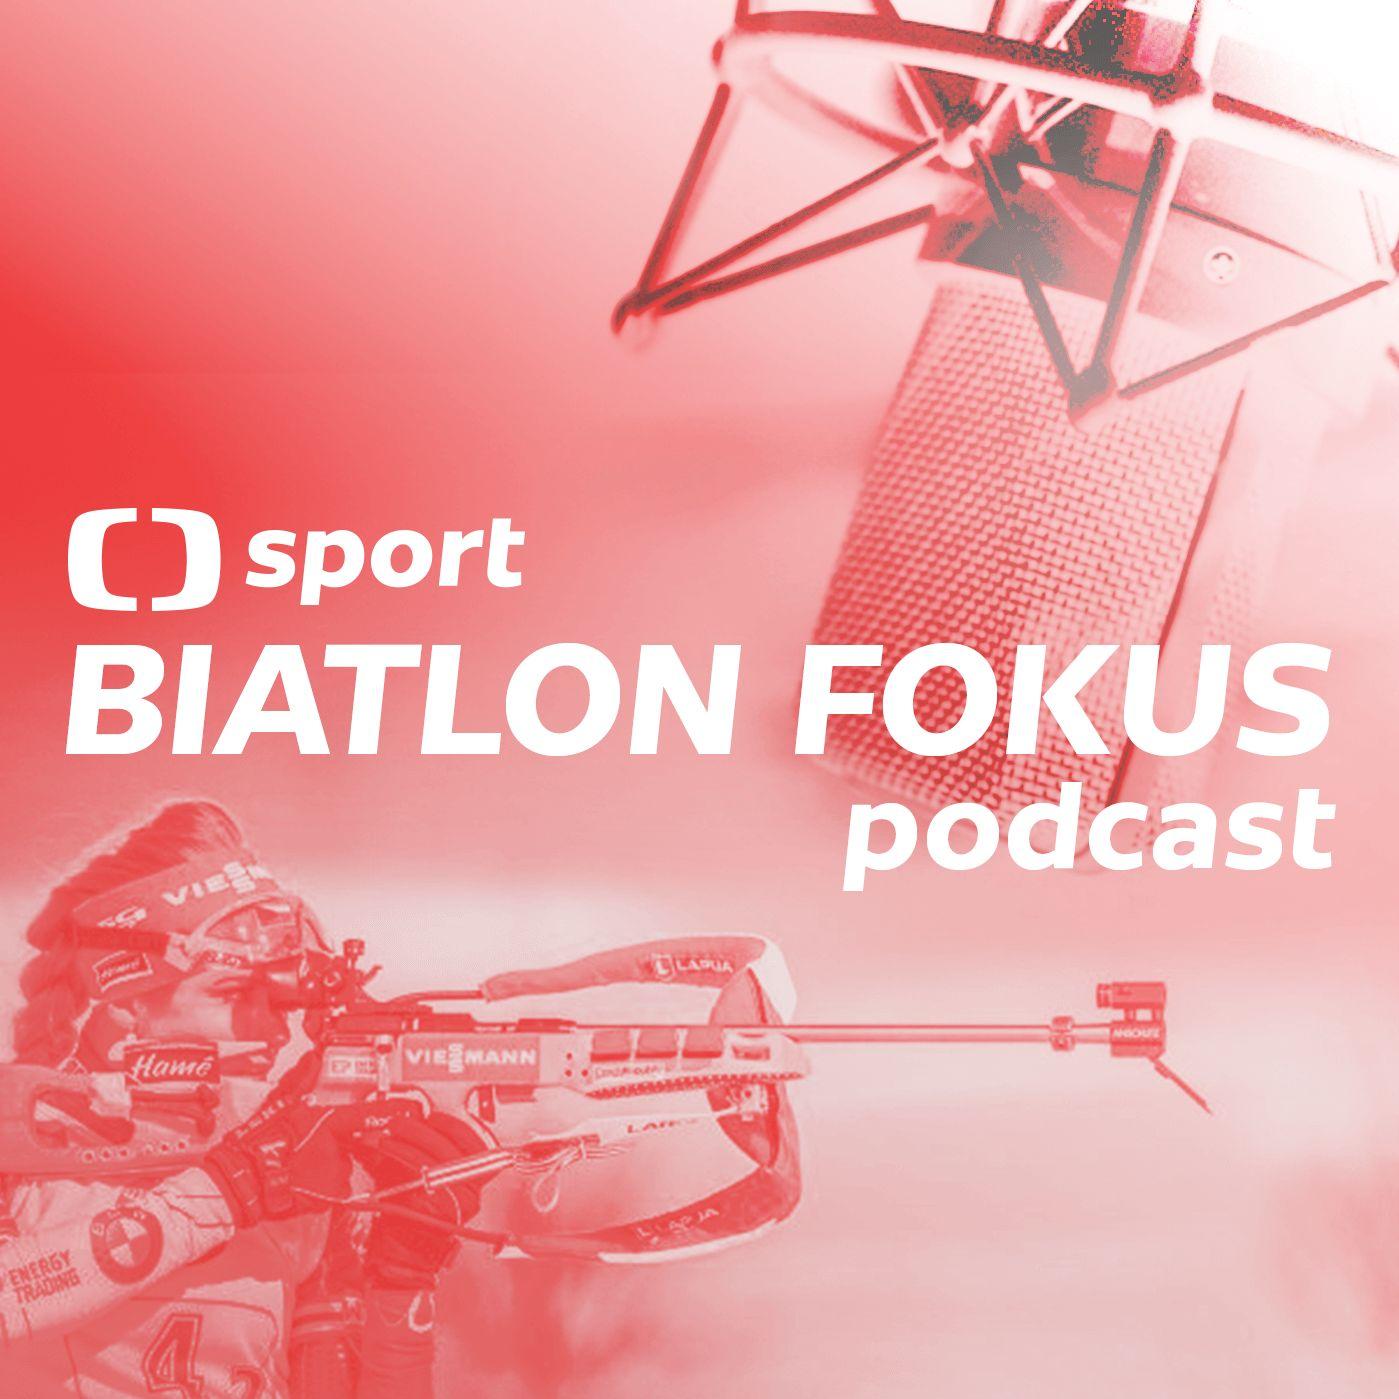 Biatlon fokus podcast: Je letošní sezona úspěšná? A jak si Češi povedou na MS?